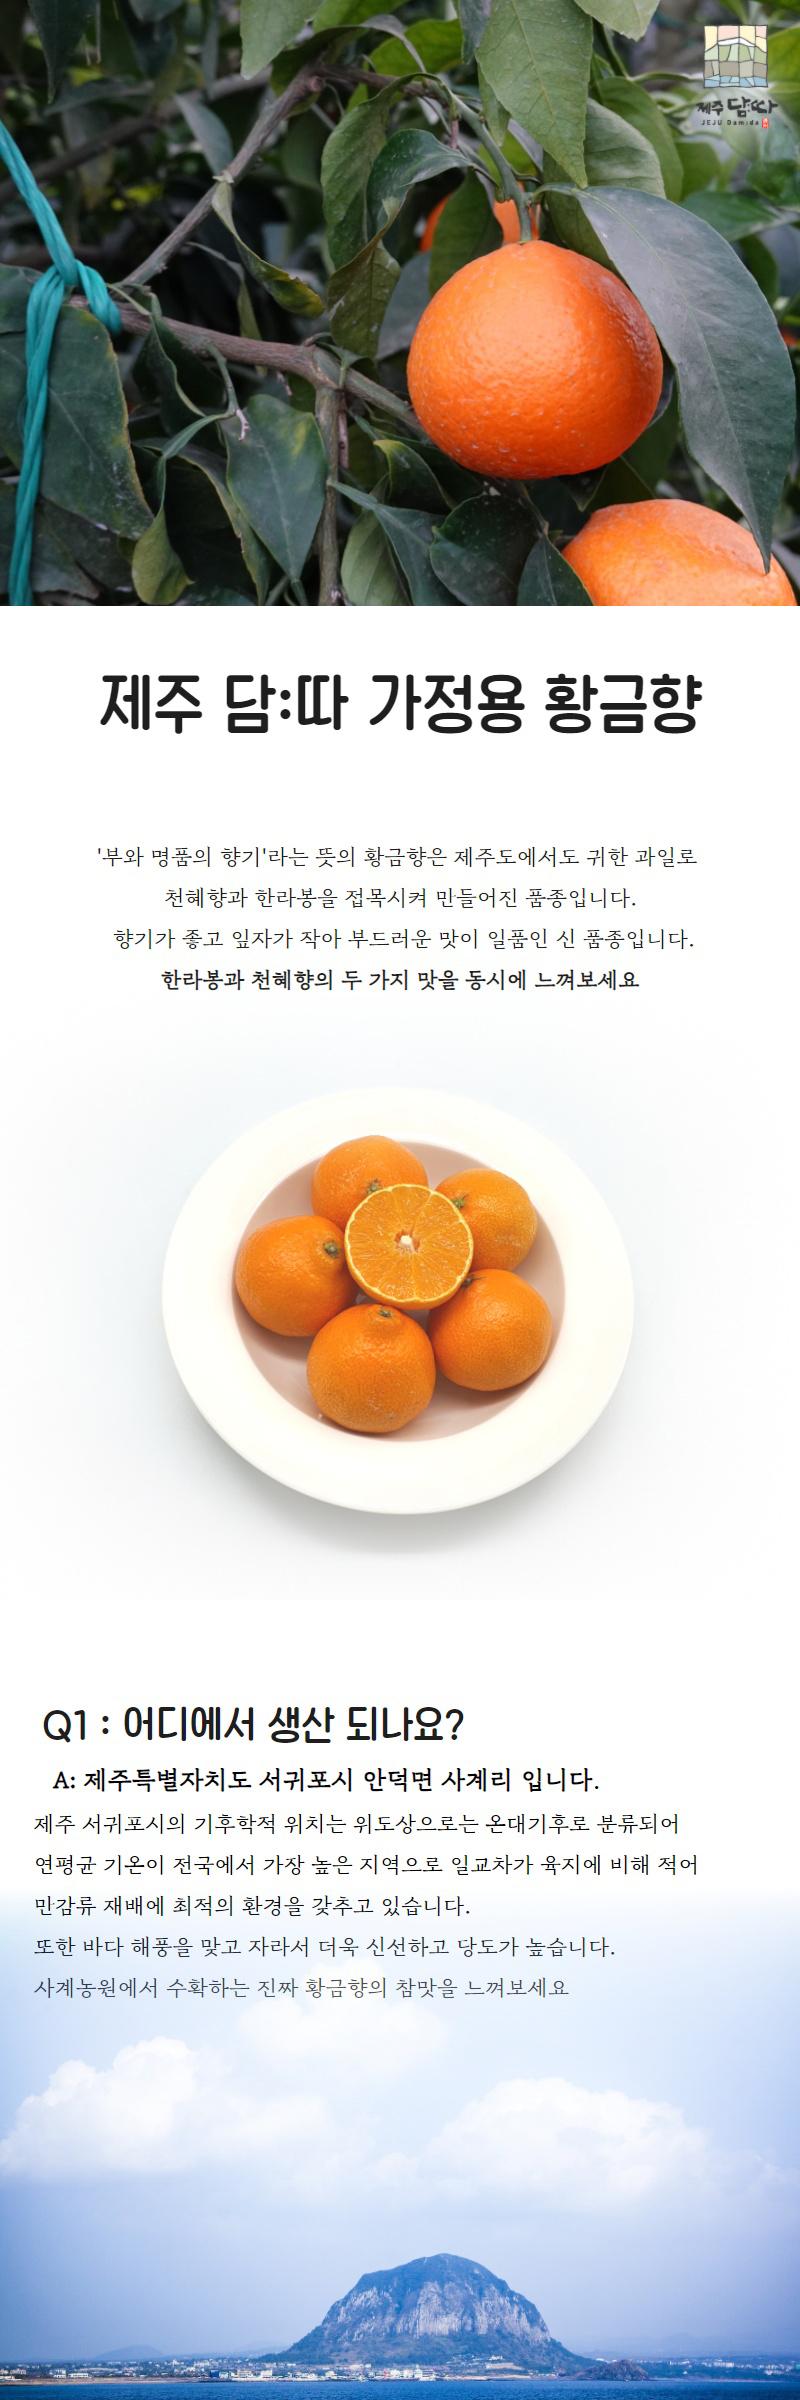 황금향-데마시안_01.jpg